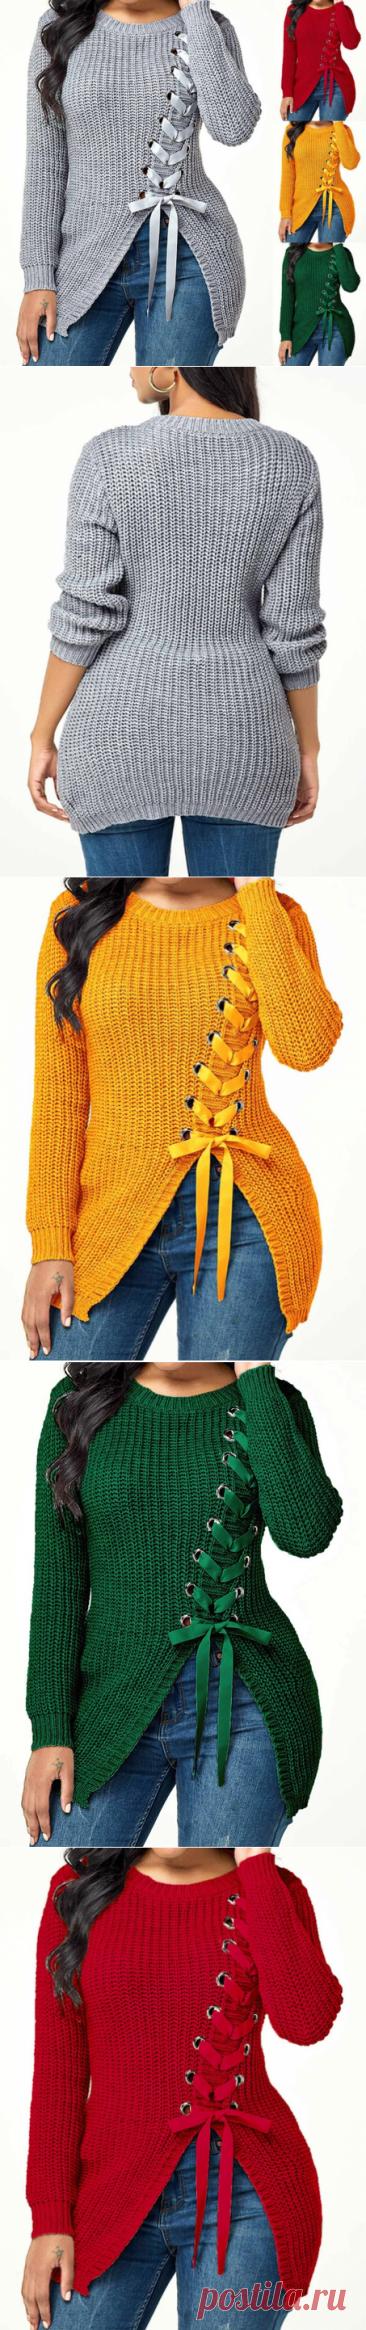 Свободный пуловер Slim Fit, трикотажные свитера,